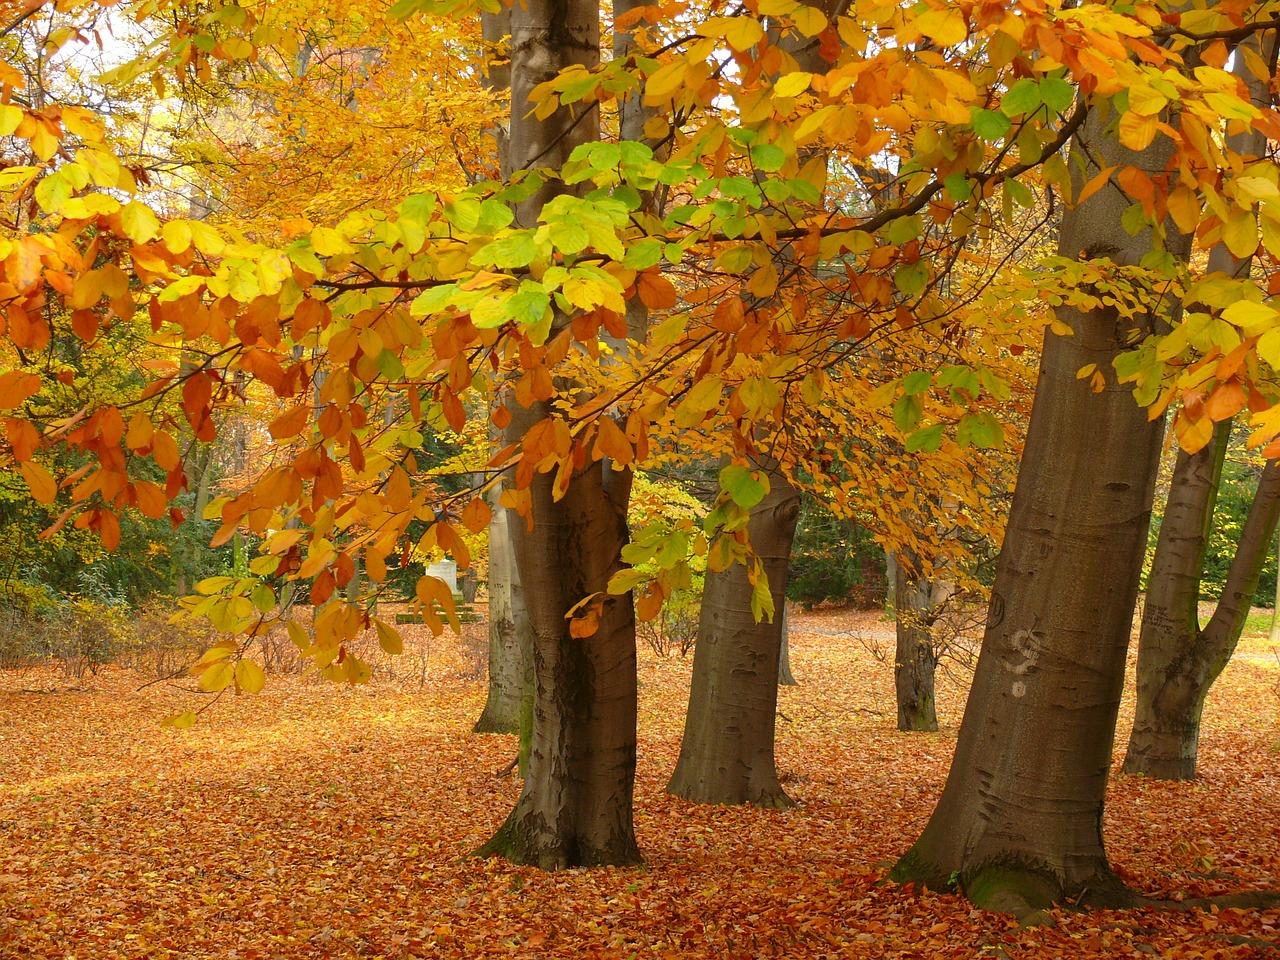 El otoño es una estación templada en el jardín